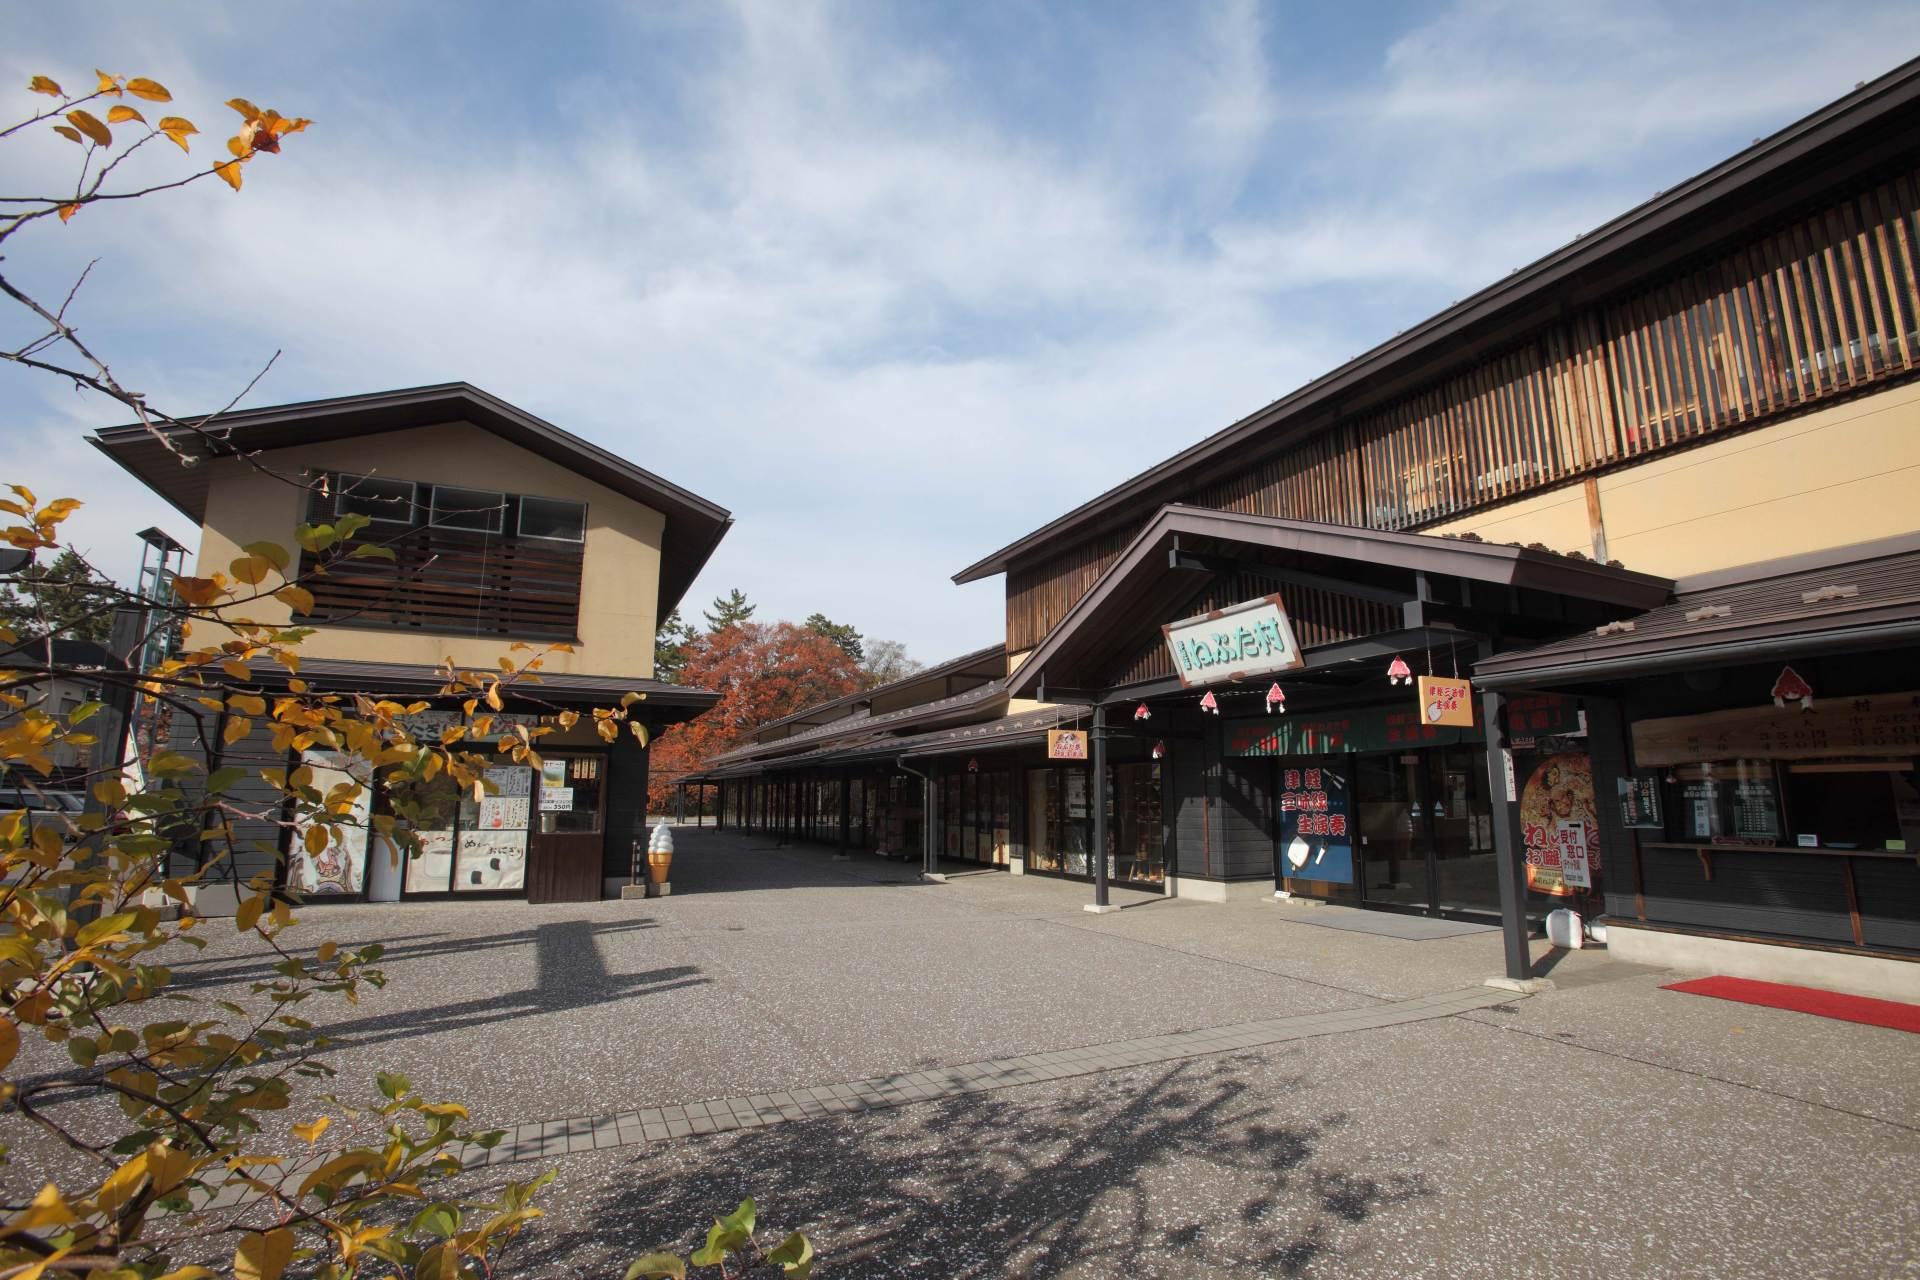 很有日本風味外觀的津輕藩睡魔村